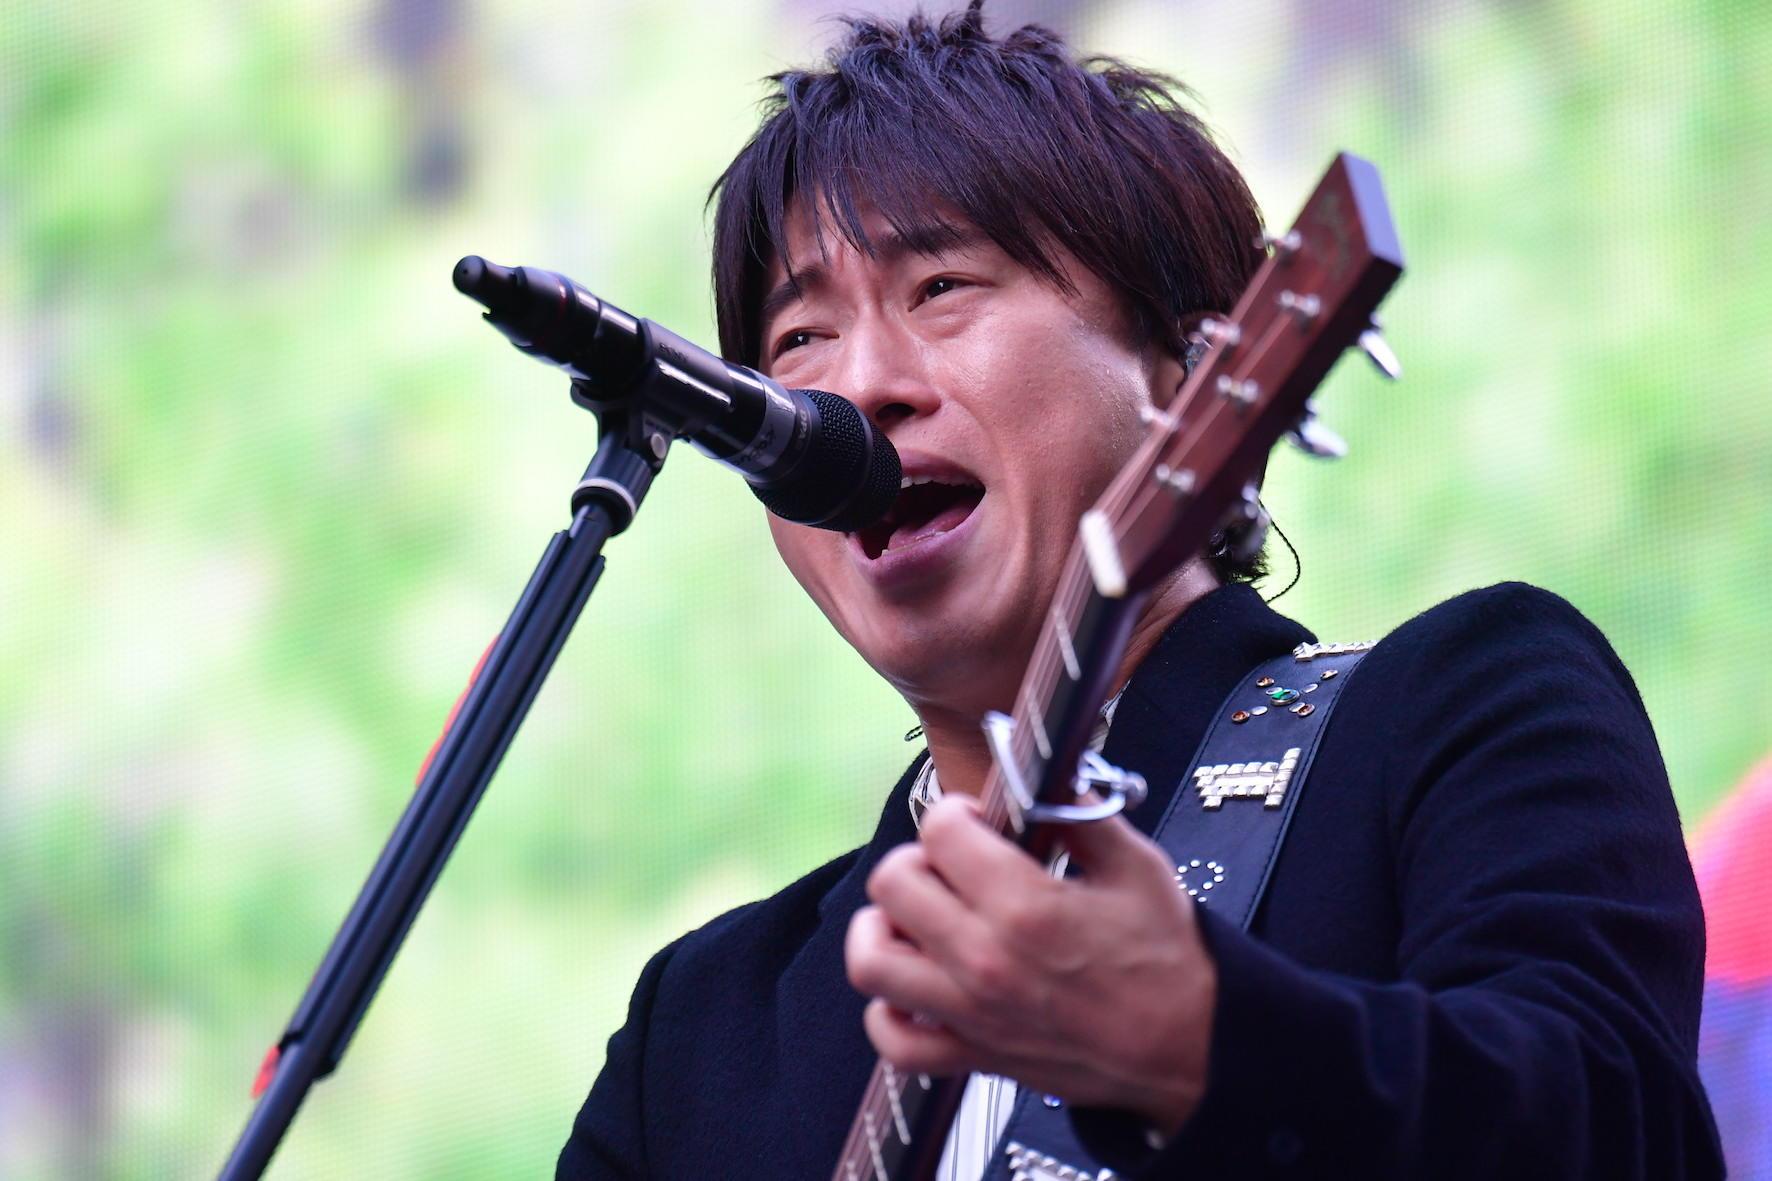 http://news.yoshimoto.co.jp/20181105004345-167a8721e956e16a65decab8a23effaa0fde3a42.jpg